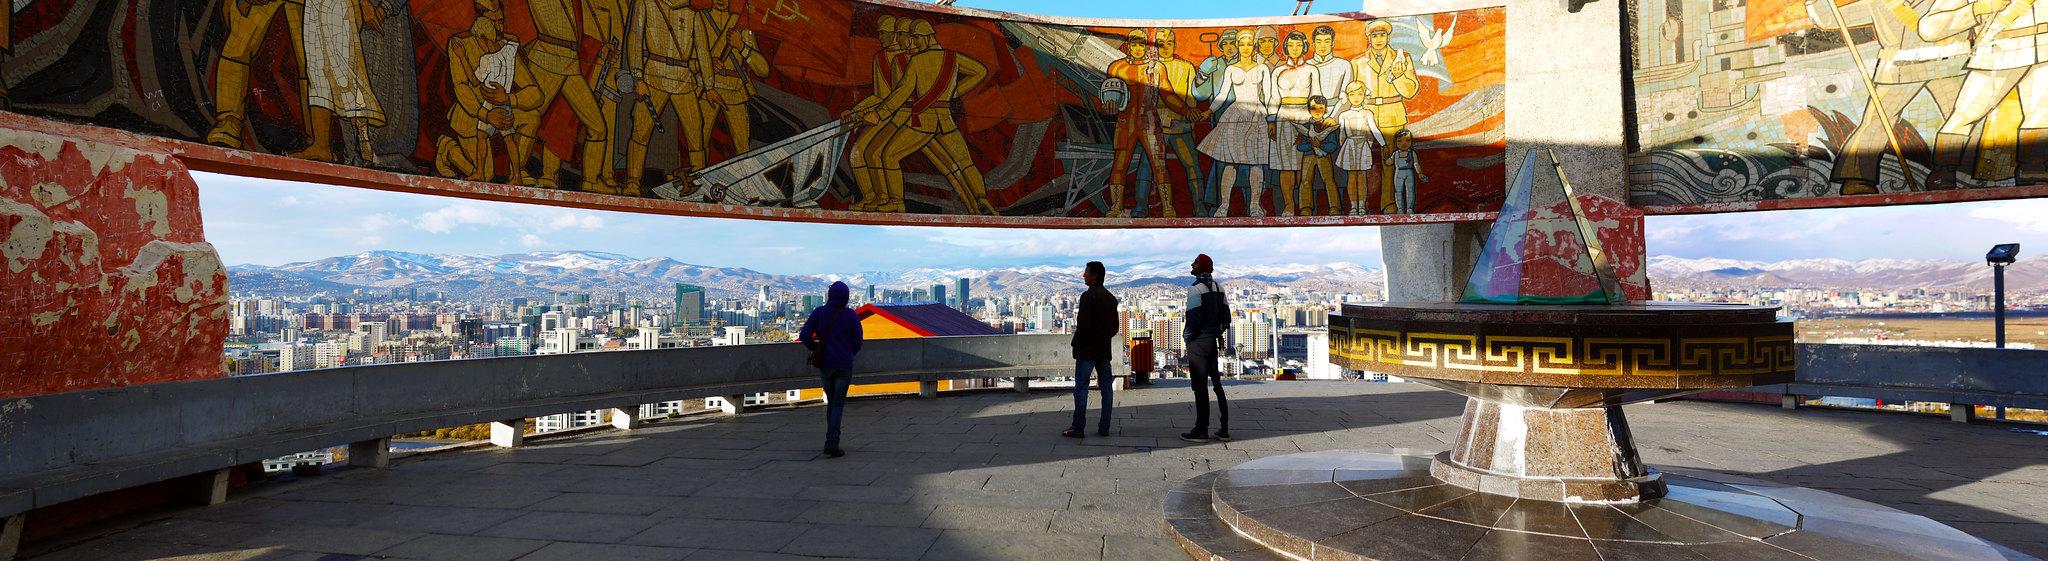 Zaisan Memorial - Mural